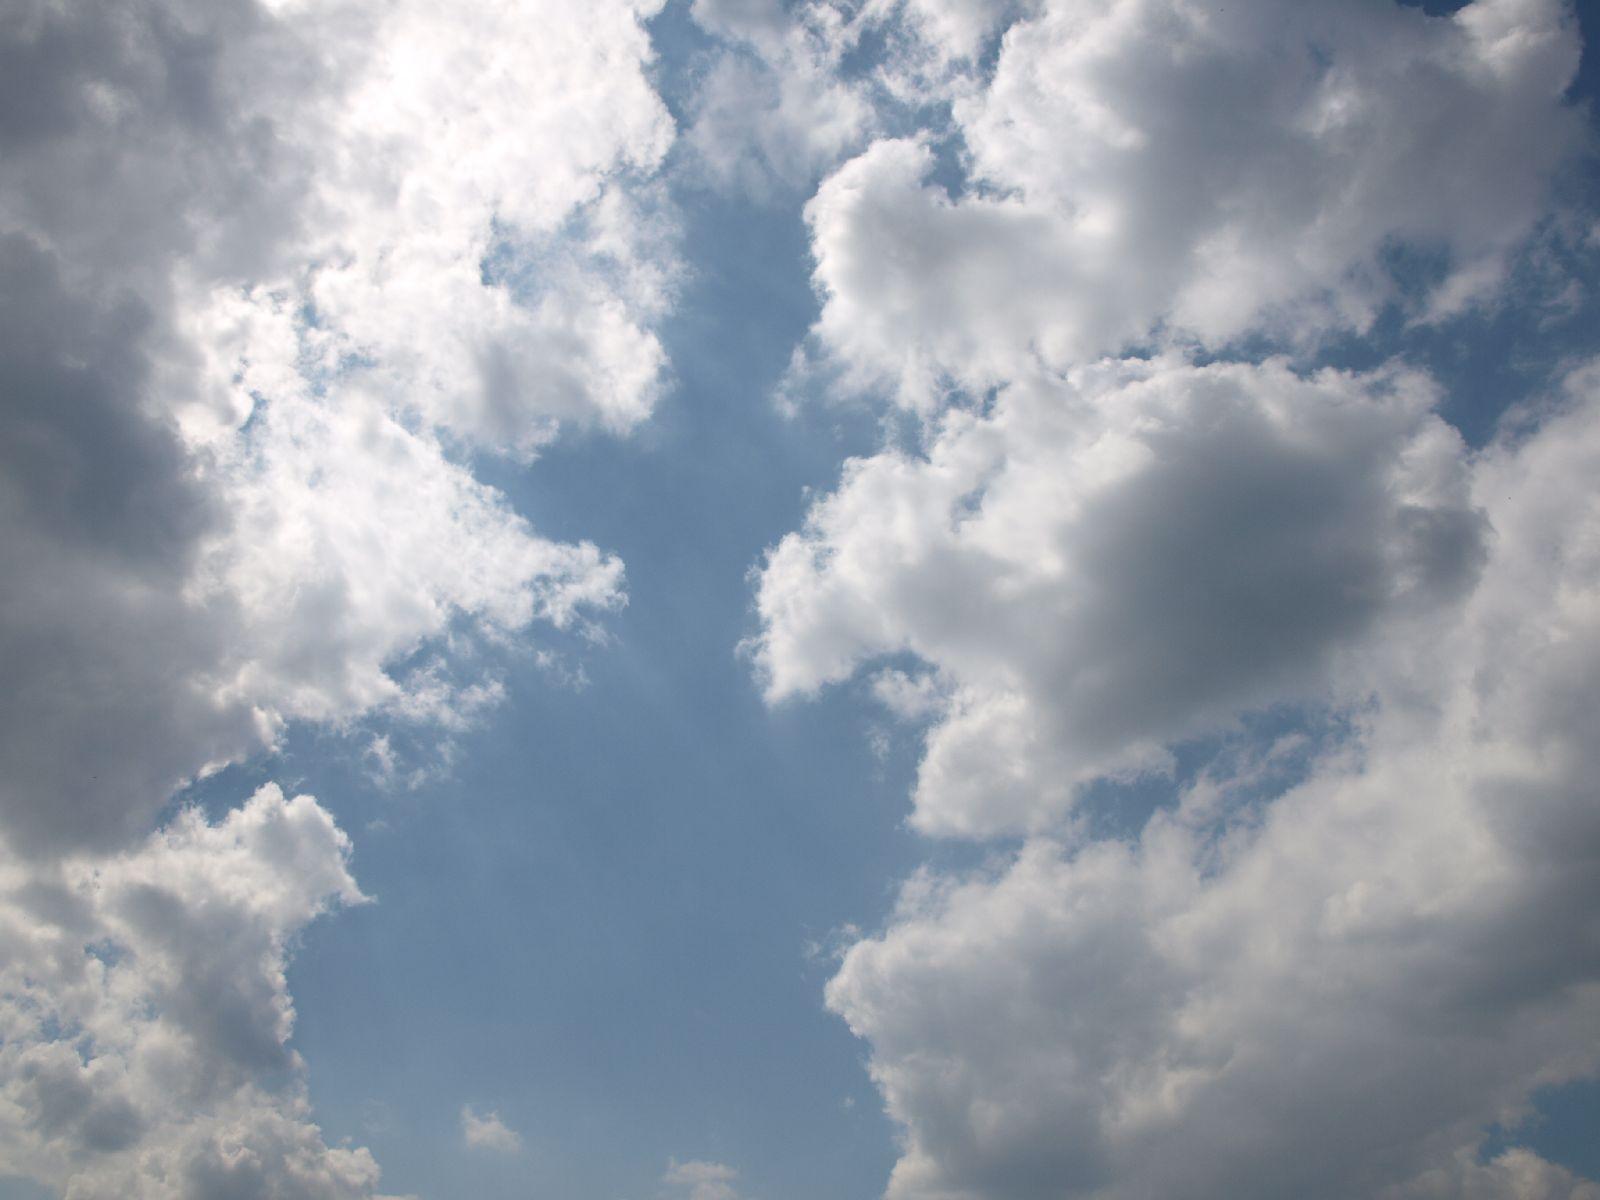 Himmel-Wolken-Foto_Textur_A_P5232922